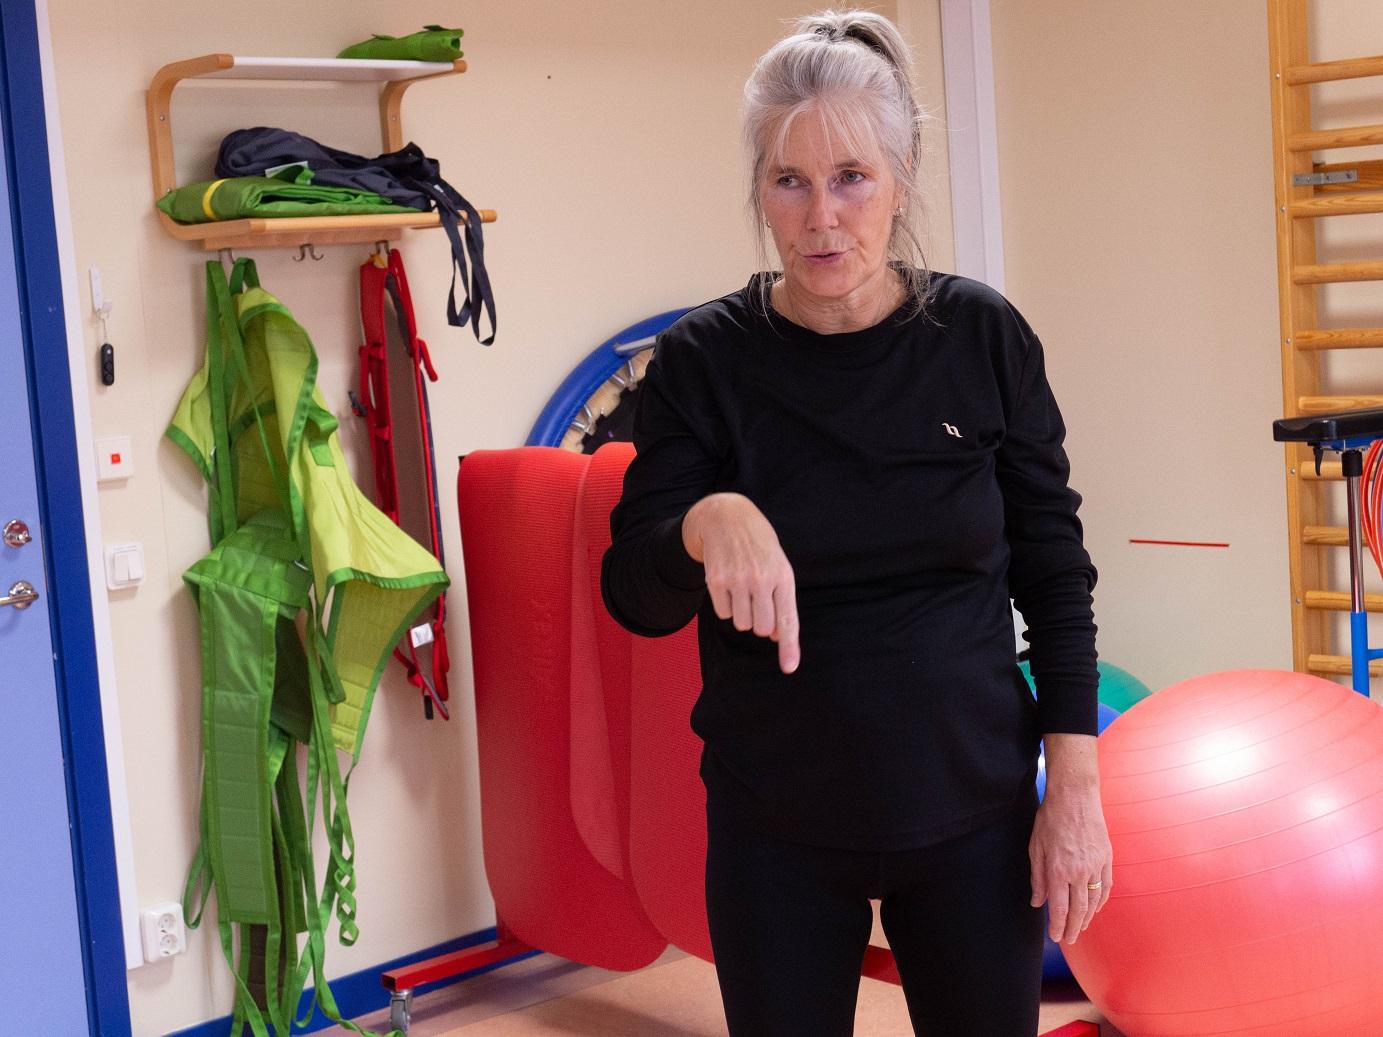 Catarina i svarta kläder instruerar. I bakgrunden olika gymparedskap i grönt, rött och orange.